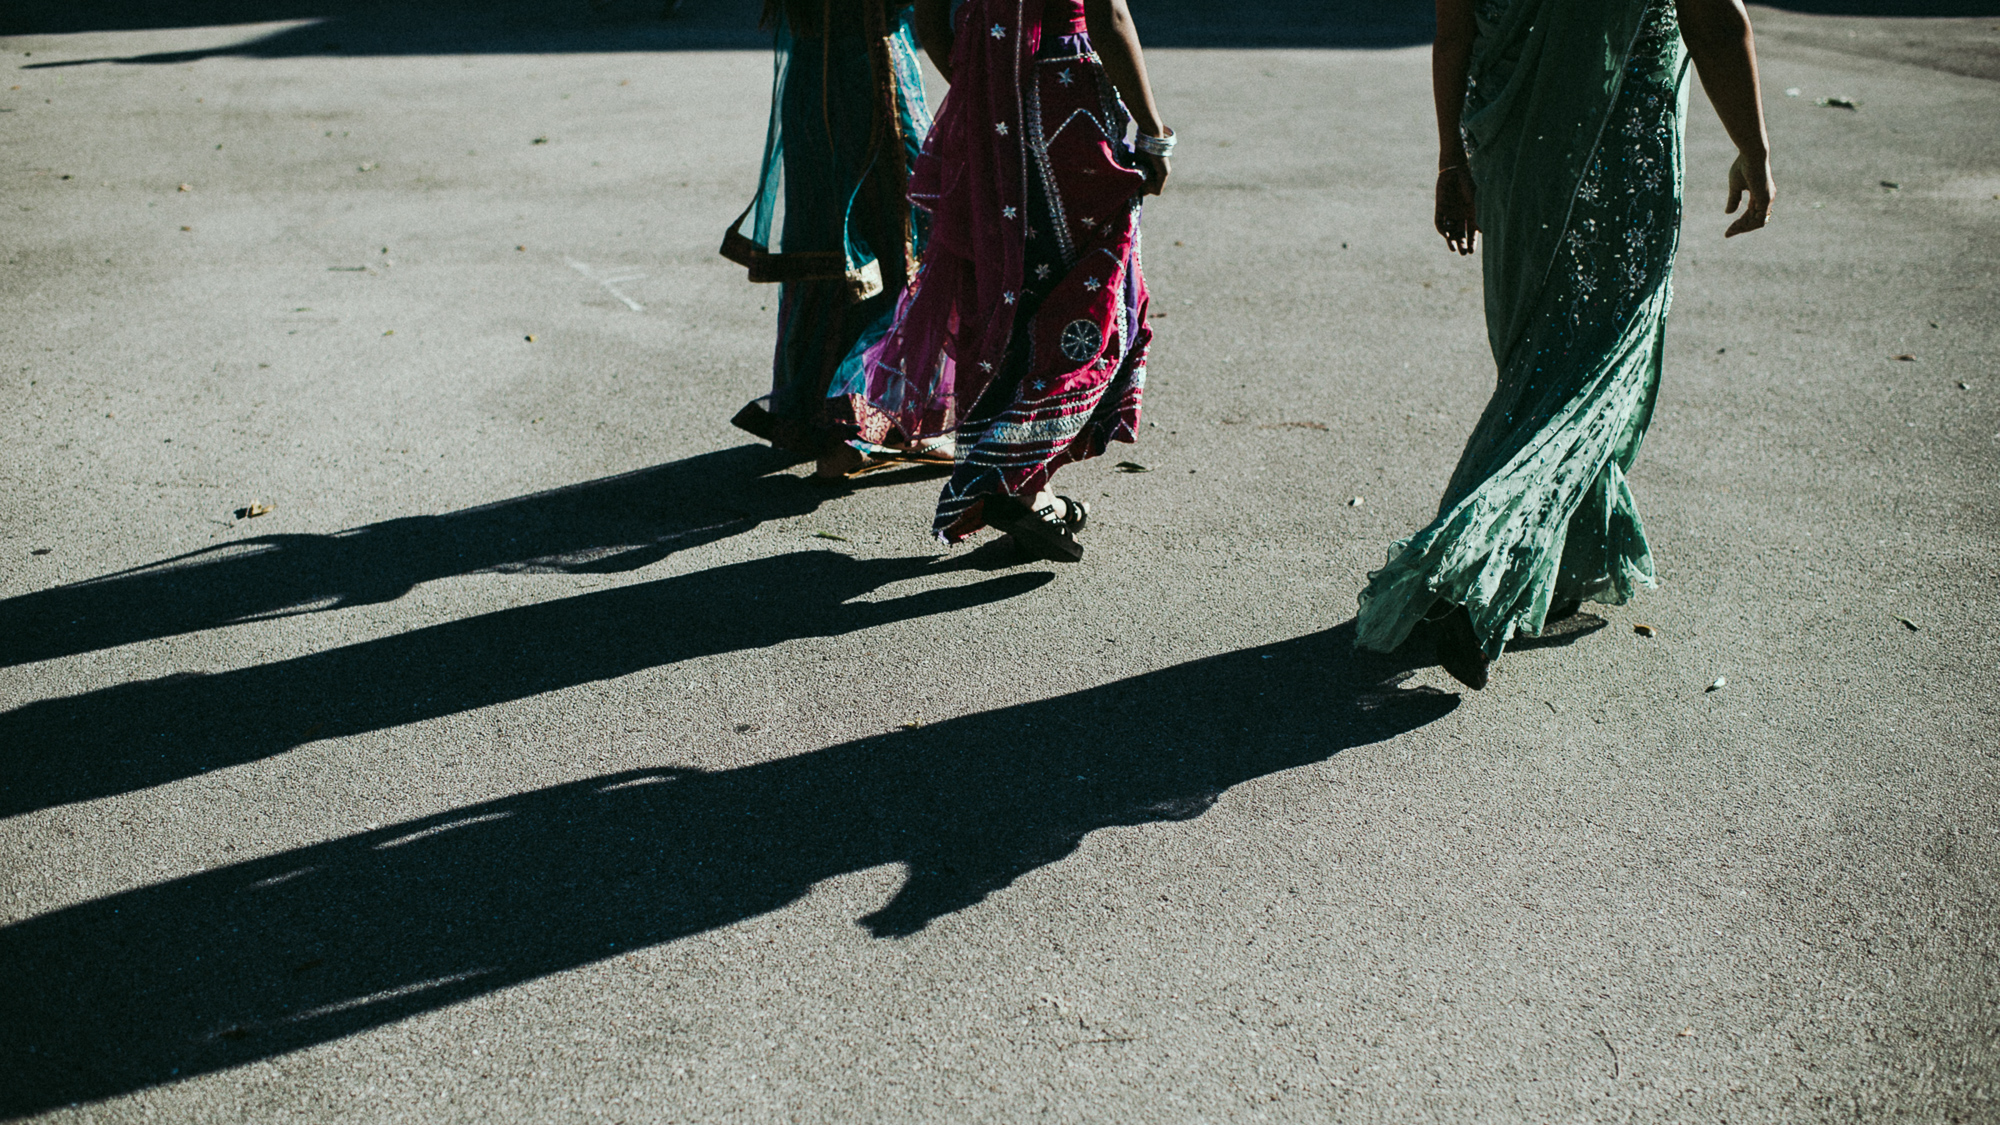 gian-carlo-photography-weddings-14.jpg